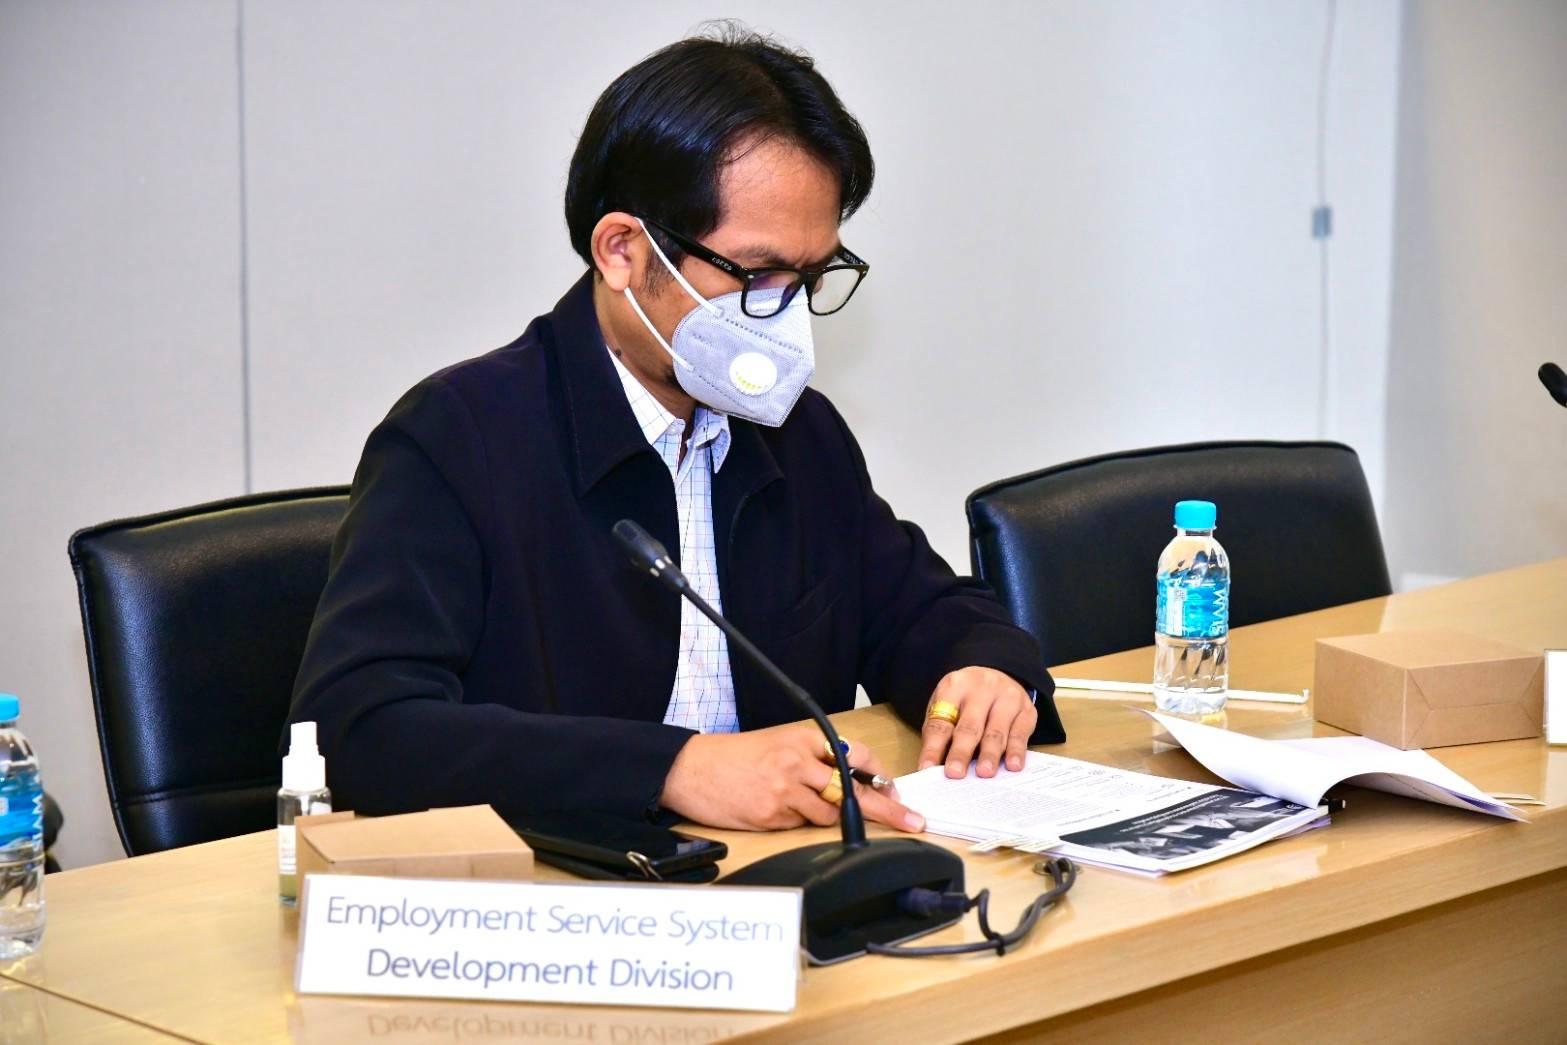 รองอธิบดีกรมการจัดหางาน   เป็นประธานการประชุมหารือร่วมกับคณะผู้แทนองค์การแรงงานระหว่างประเทศ (ILO)